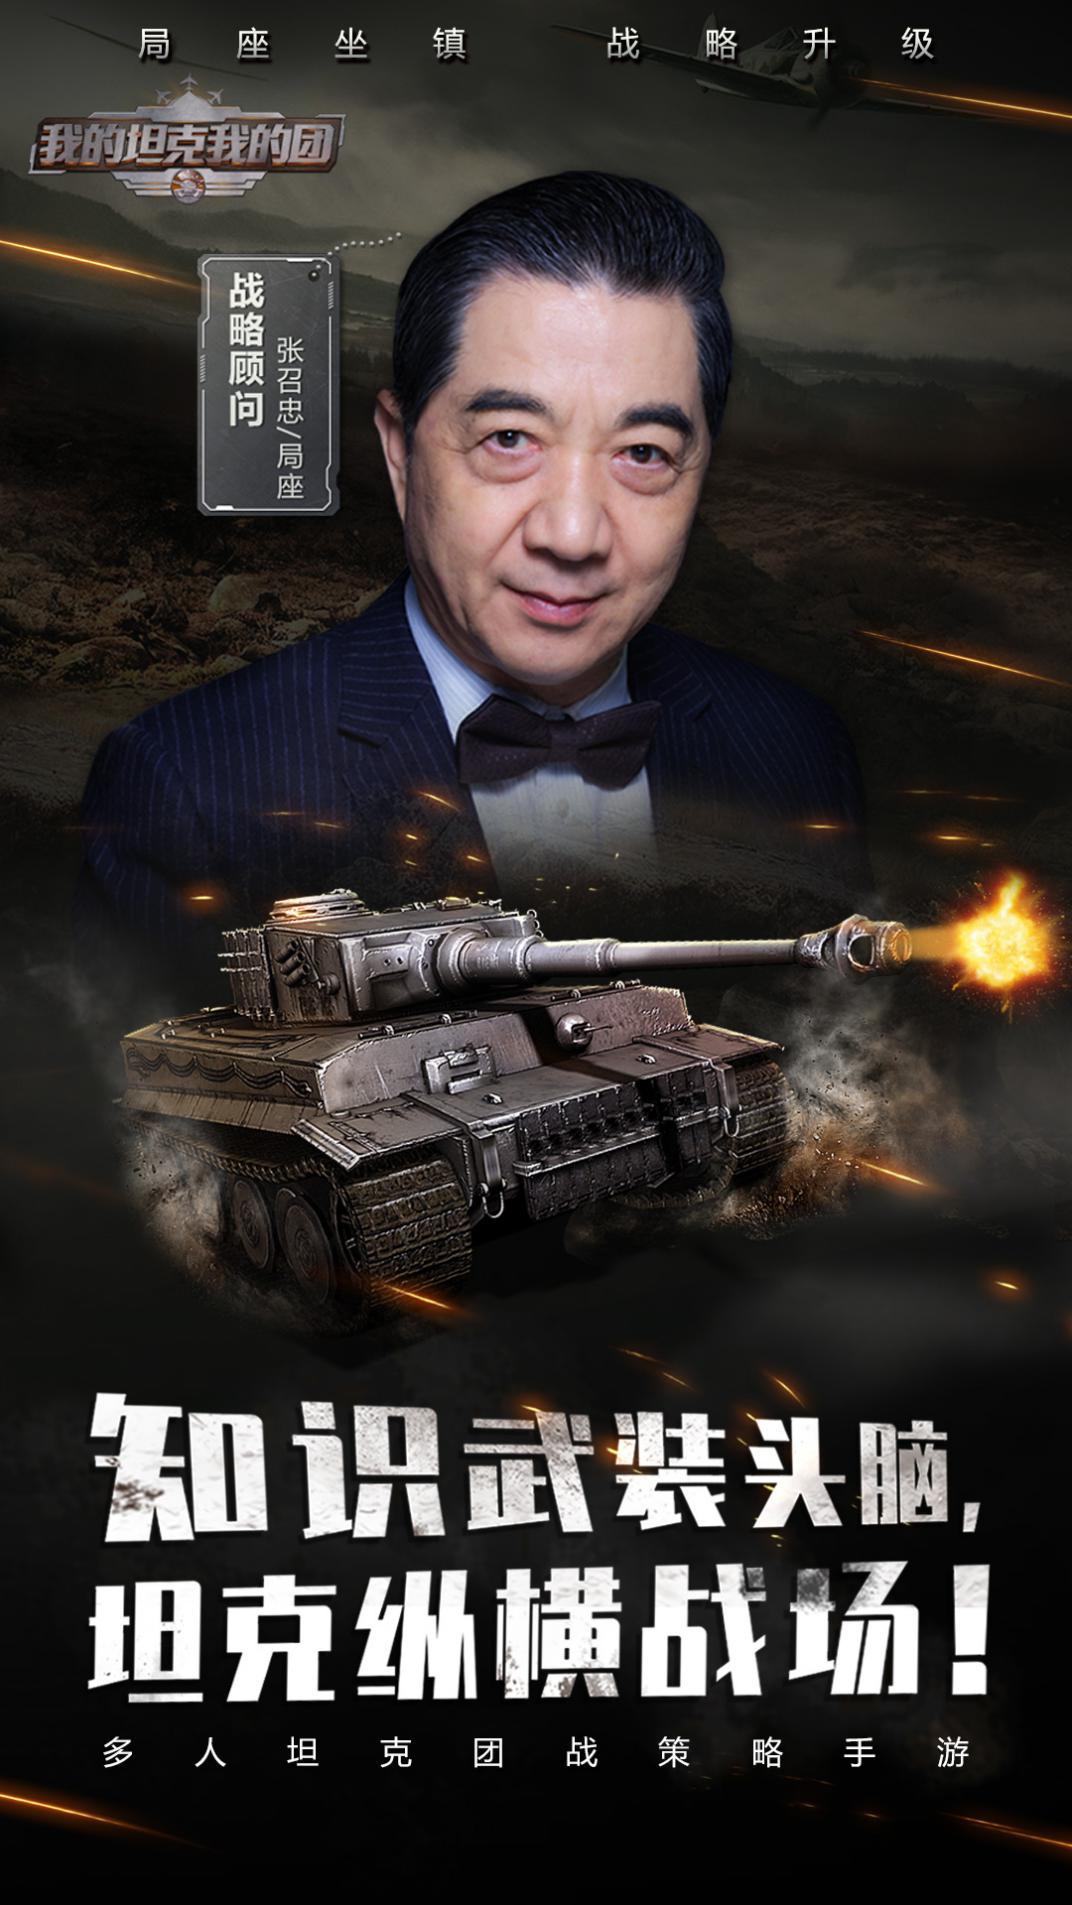 """《我的坦克我的团》官宣:首席军事战略顾问""""局座""""张召忠正式登场!"""